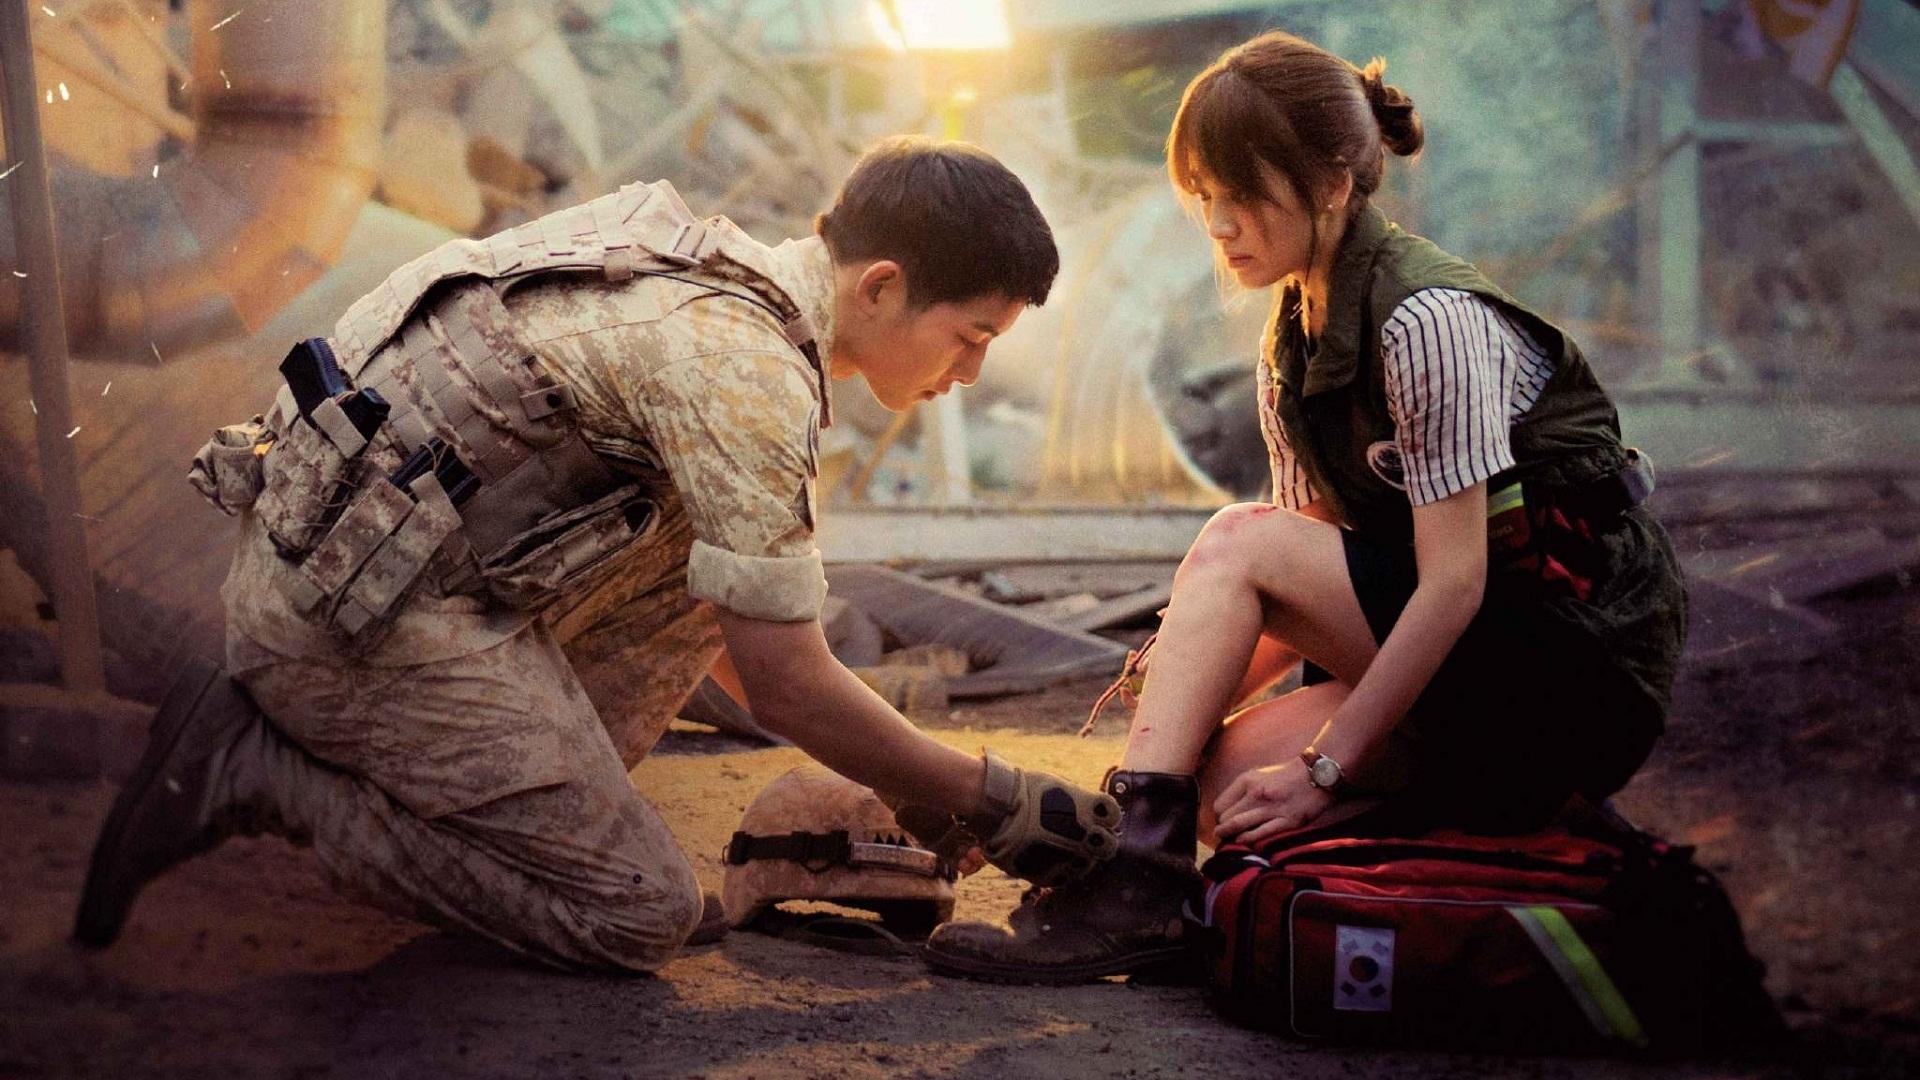 Những bộ phim truyền hình Hàn Quốc đáng xem nhất suốt một thập kỷ qua - Ảnh 9